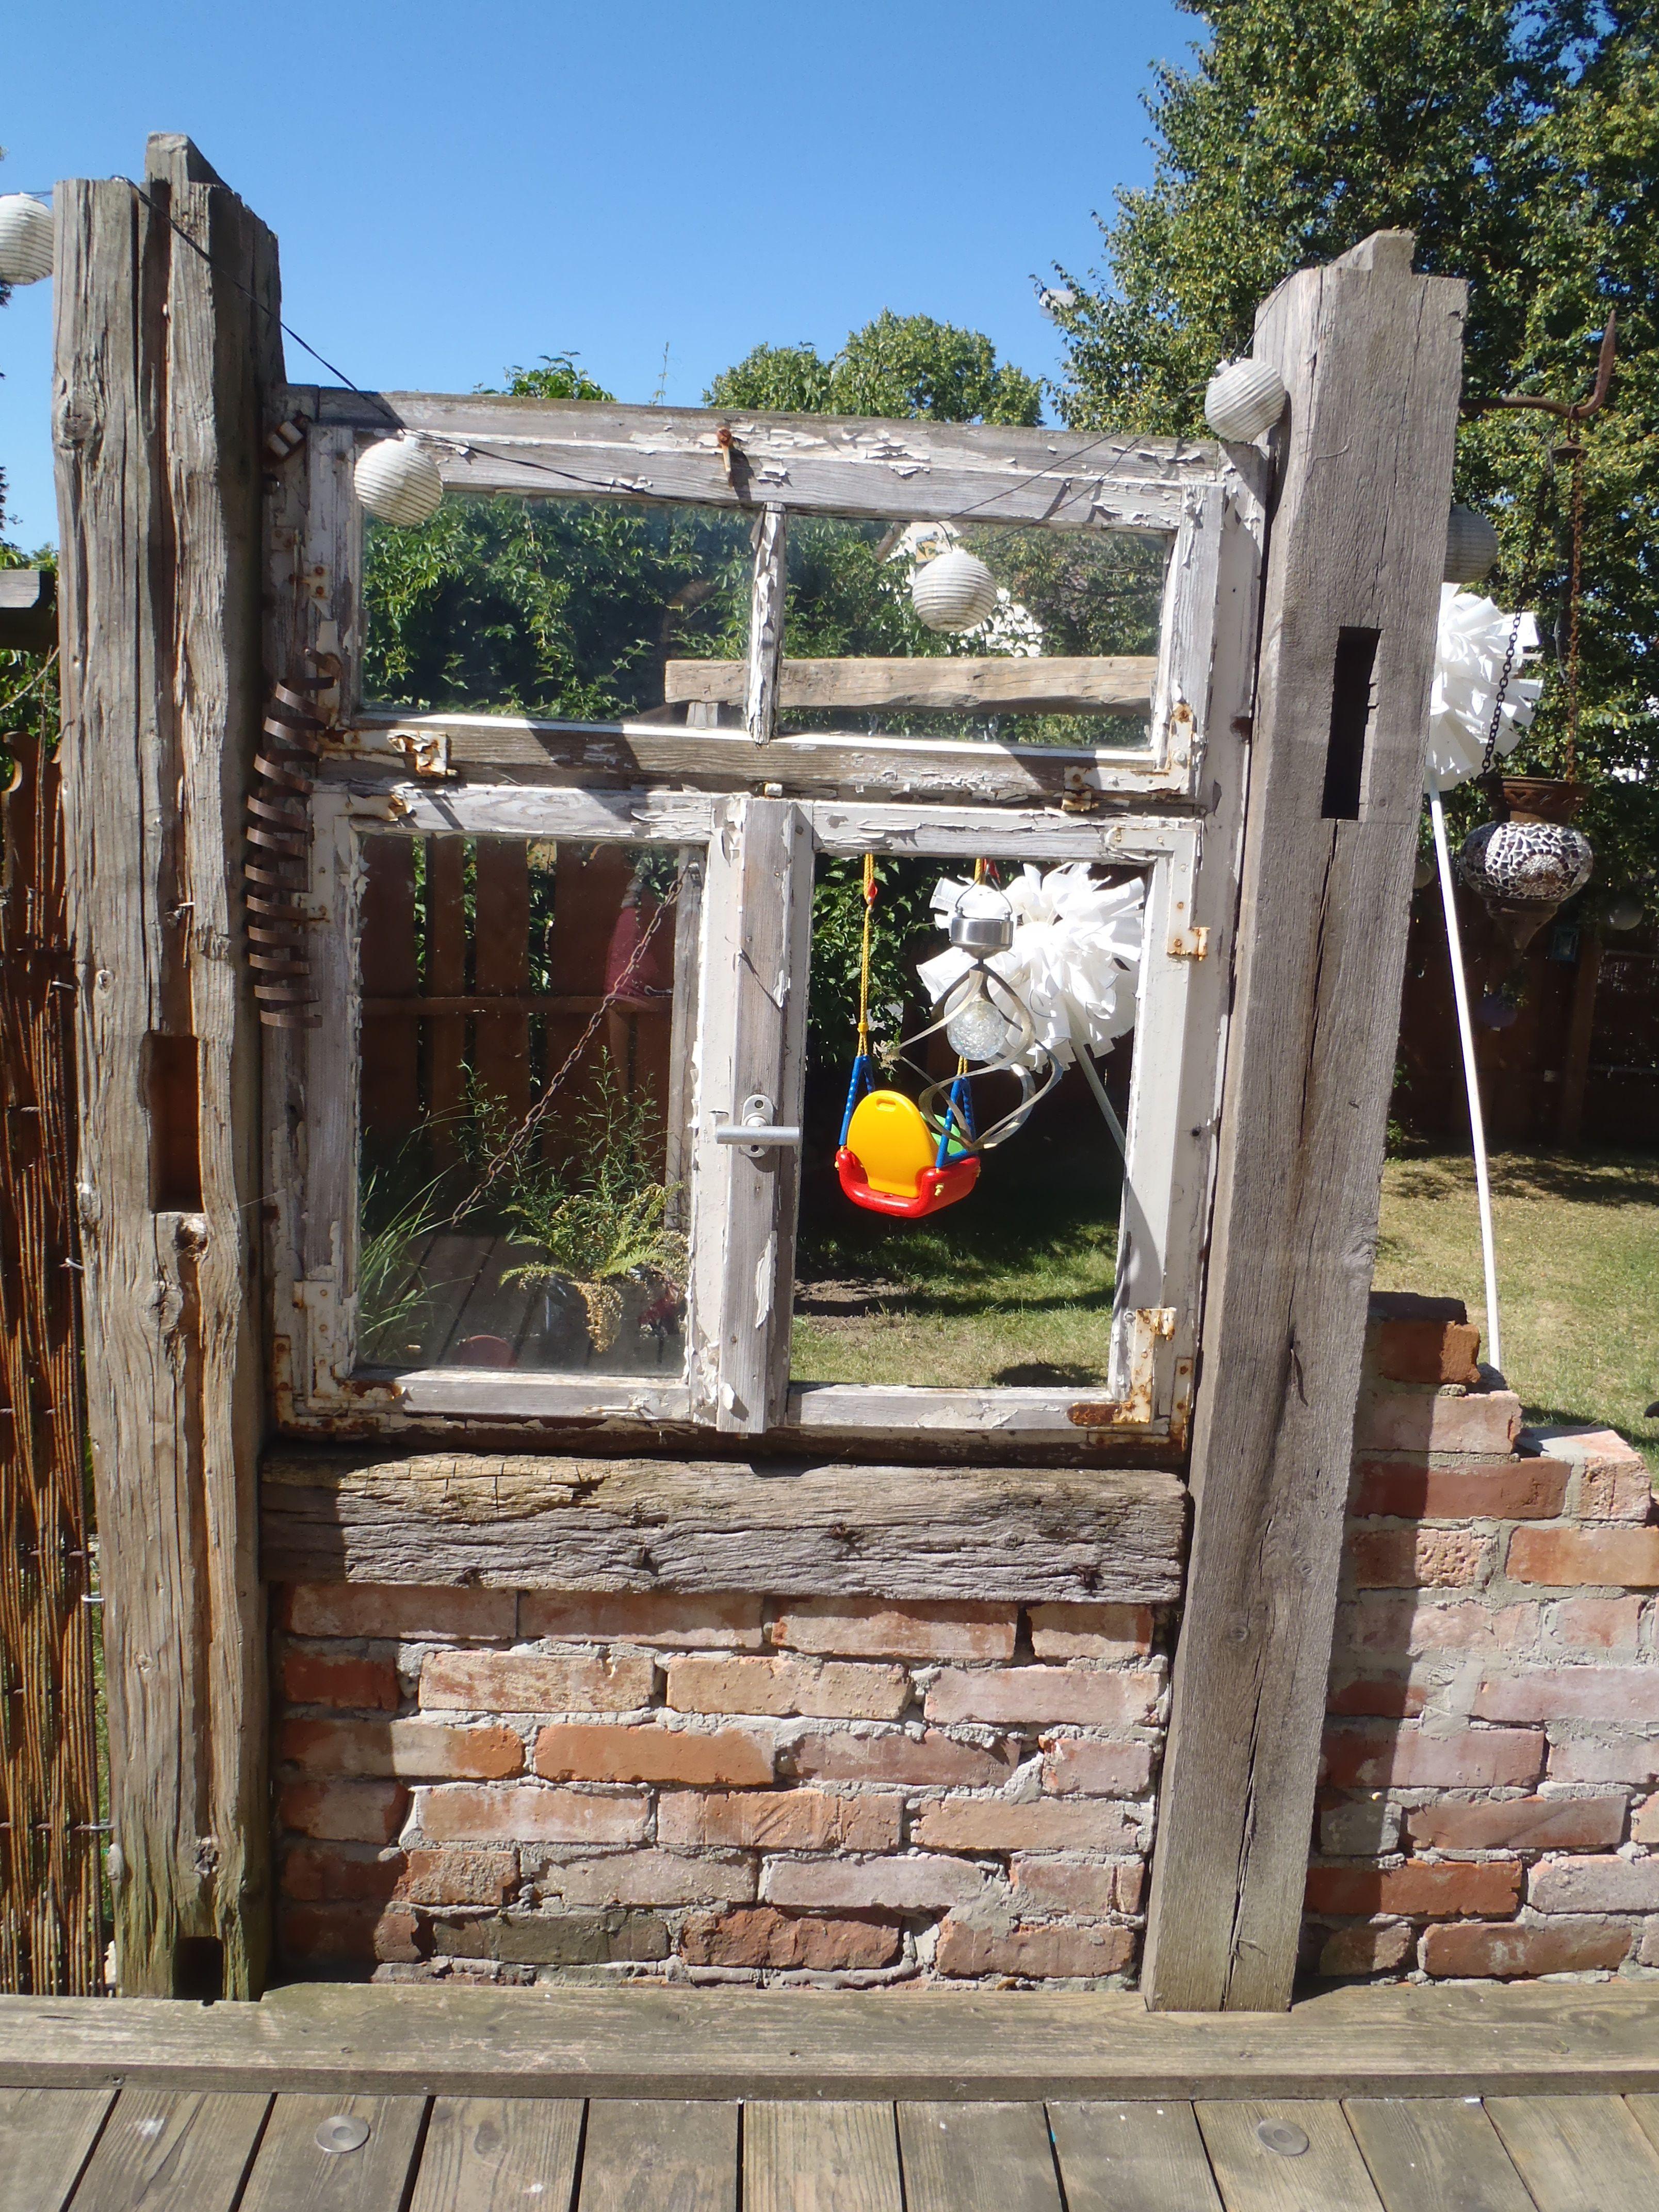 altes Fenster zwischen alten Balken Mein Garten Garden trees